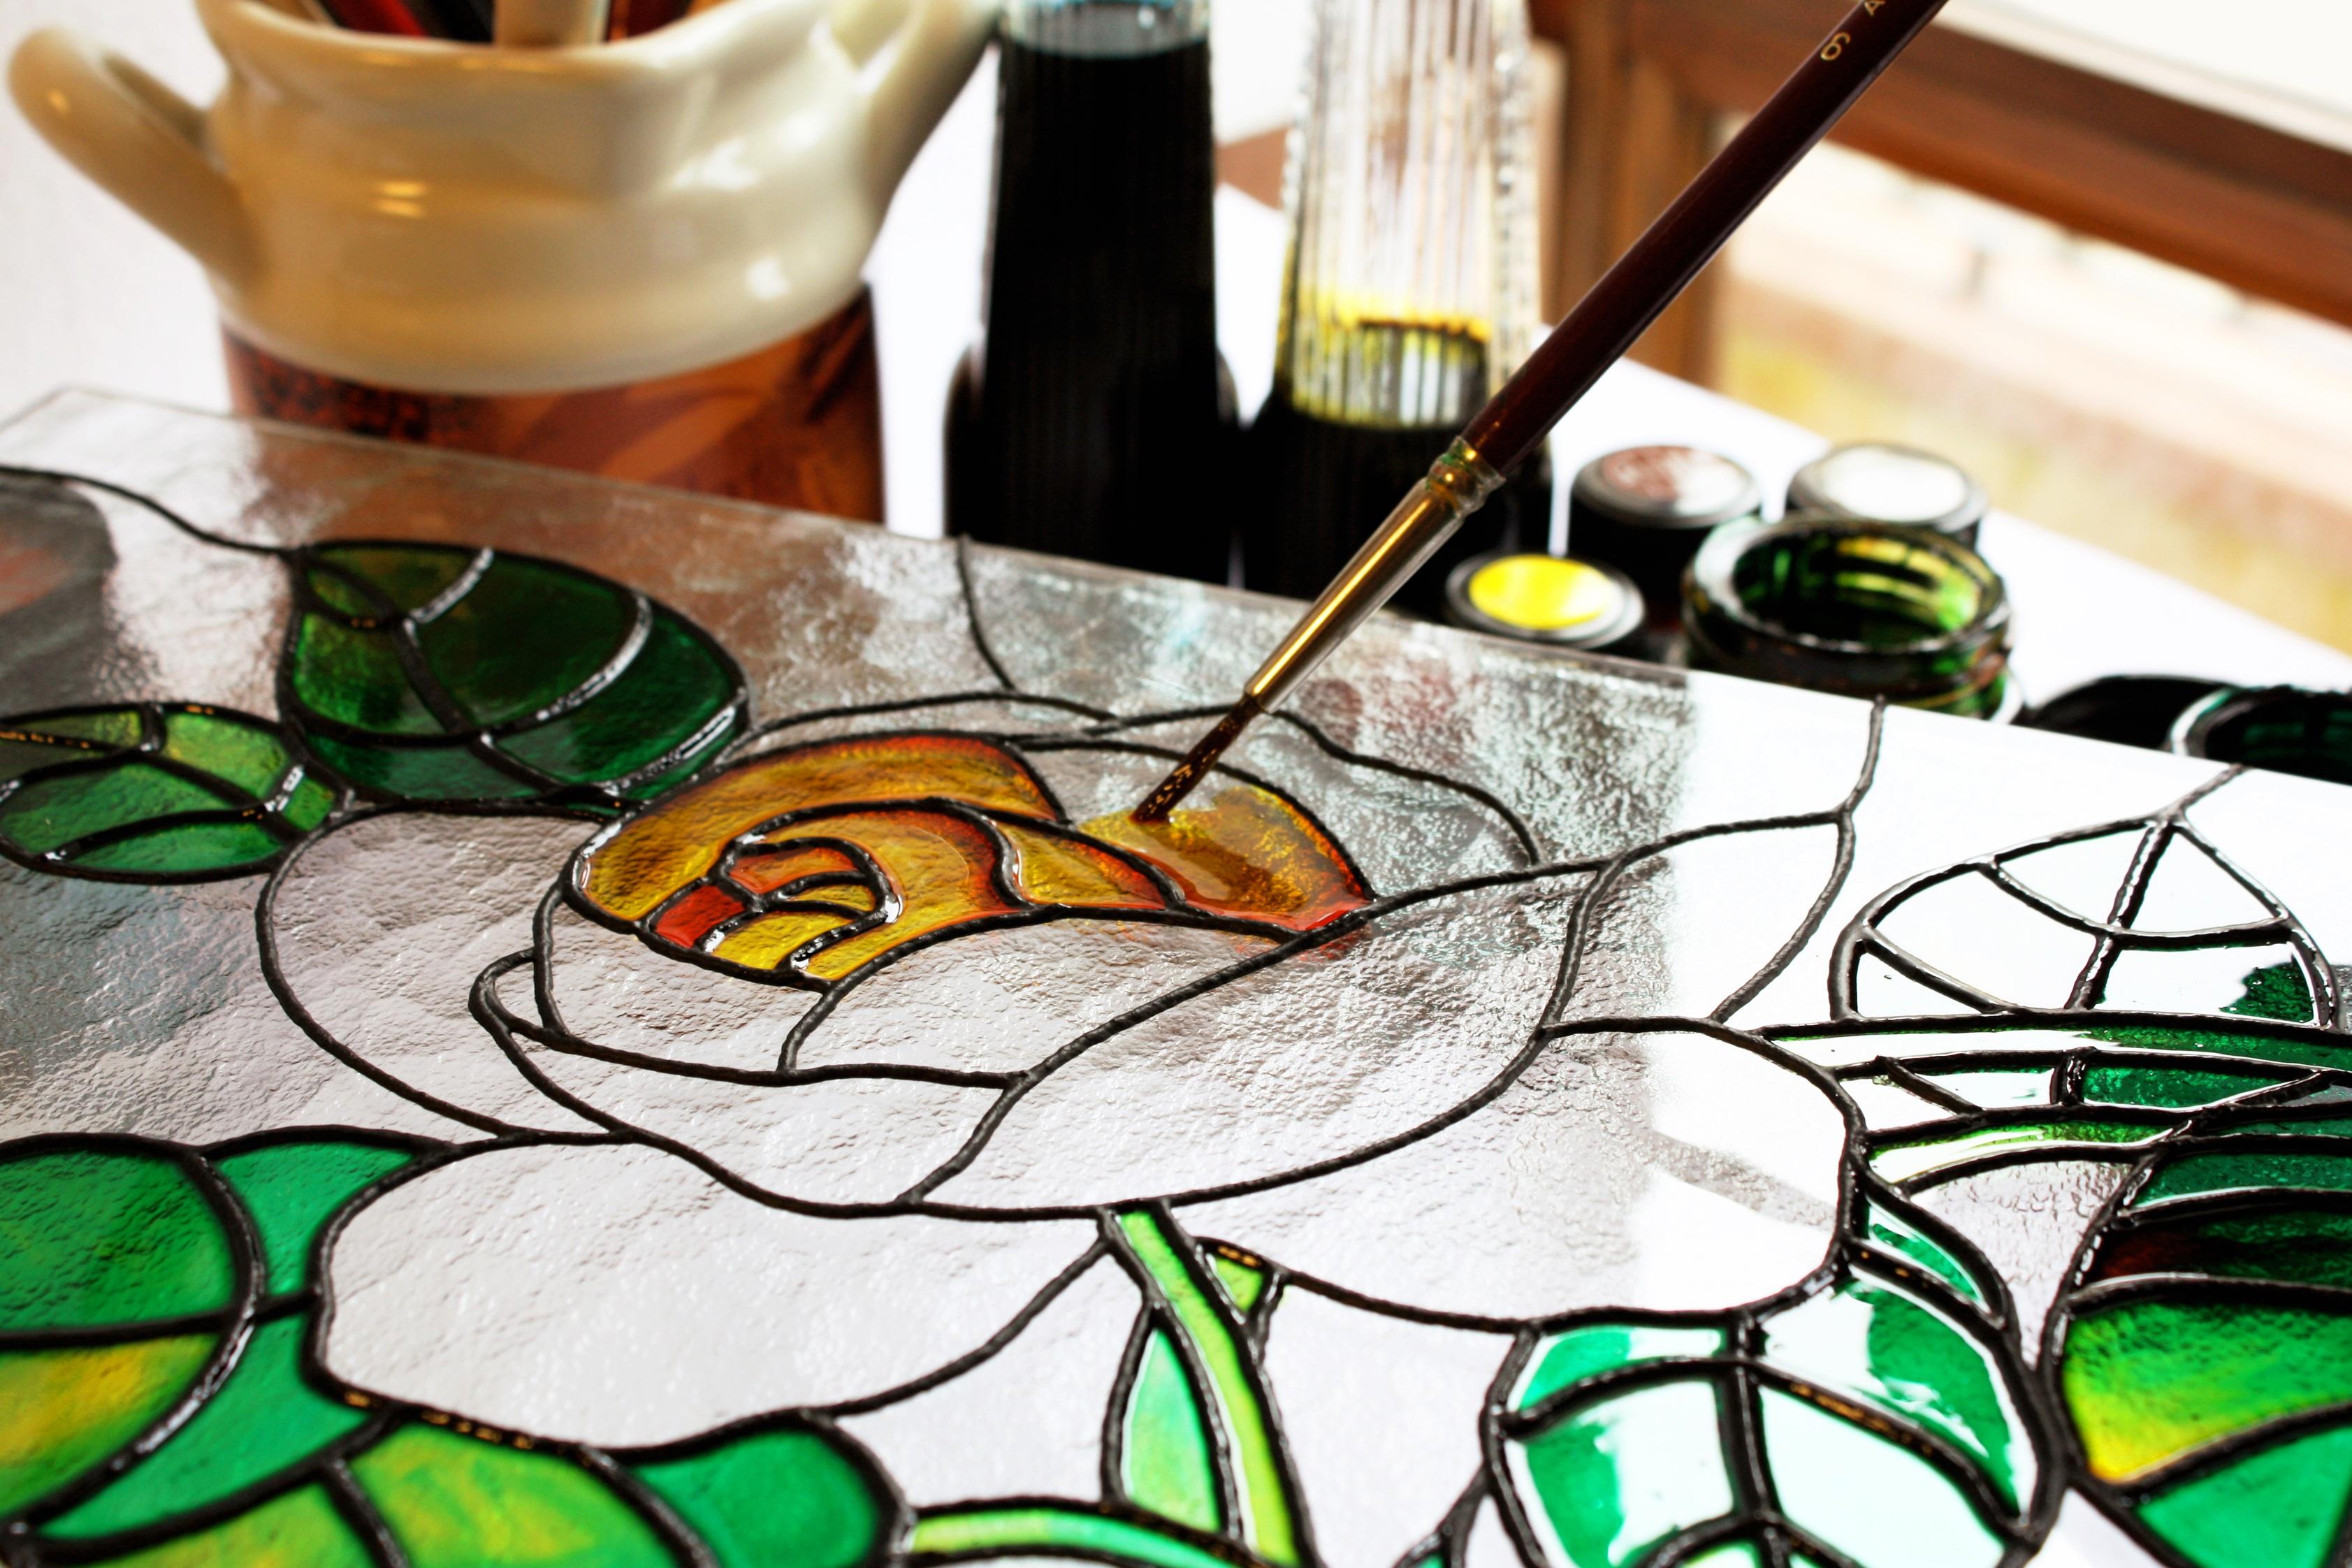 Fotoğraf Taçyaprağı Bardak Fırça Renk Boya Malzeme Vitray